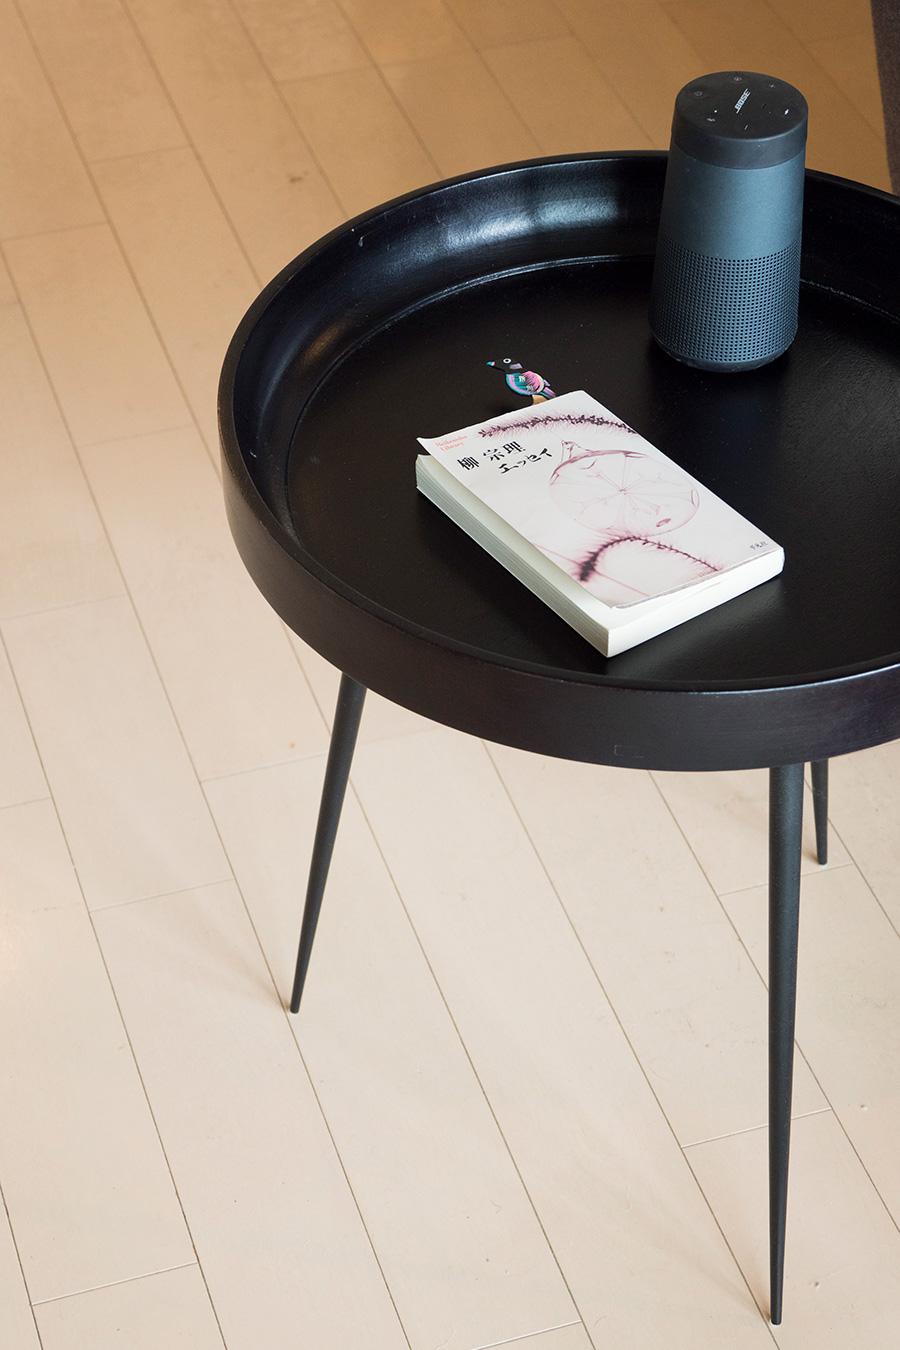 インド出身のデザイナー、アユール・カスリワルのBowl Table。収穫後のマンゴーの木を使用したエシカルな作品。